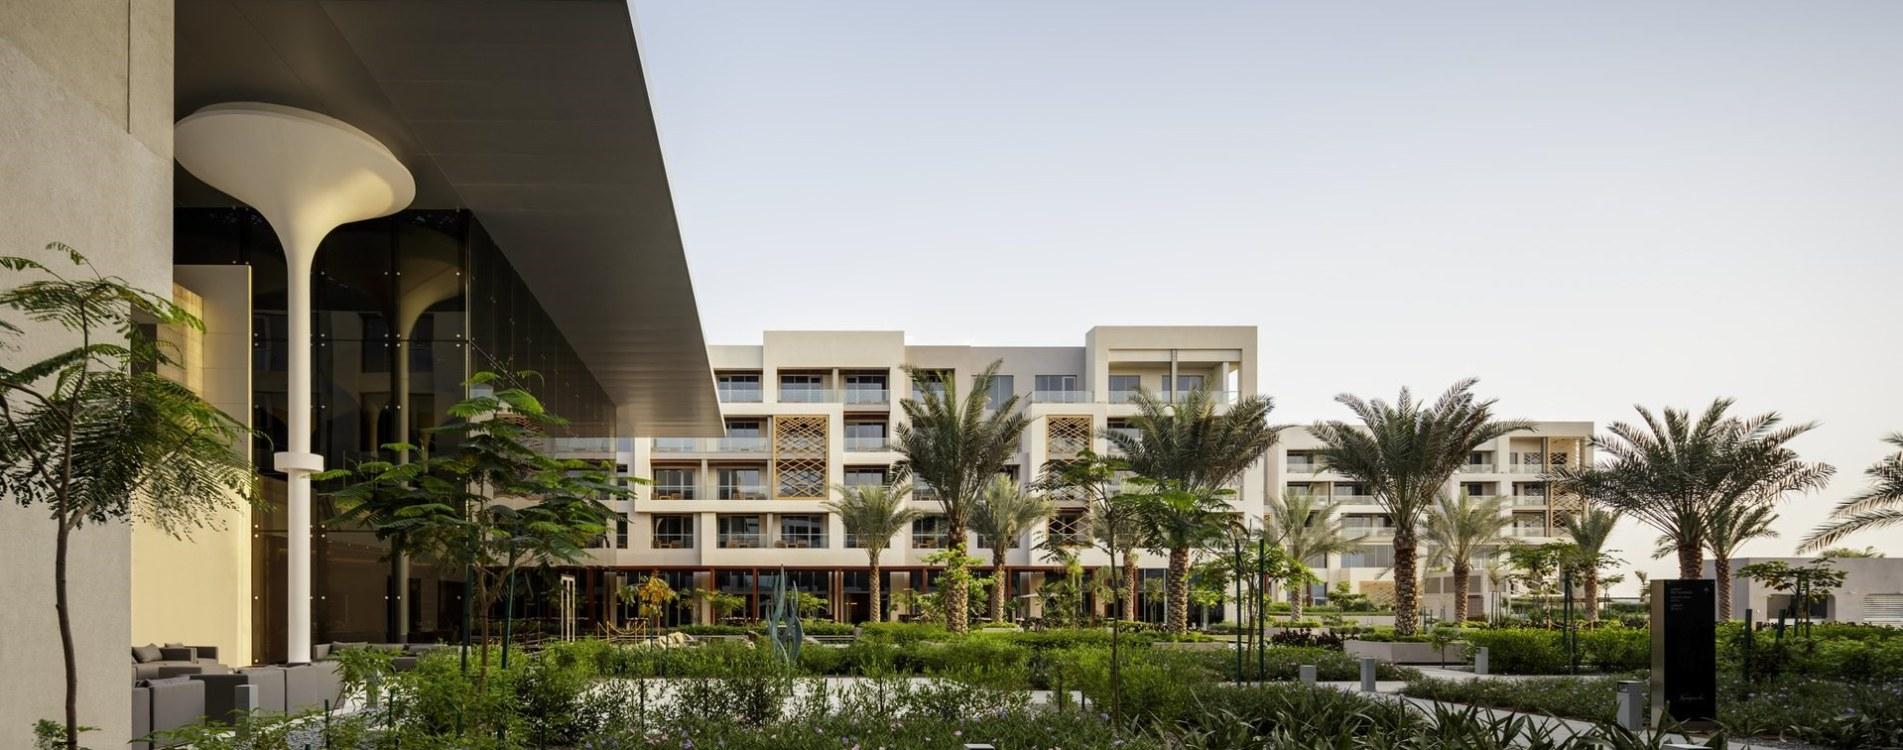 Kempinski-Hotel-Muscat-Exterior-Fassade-Oman